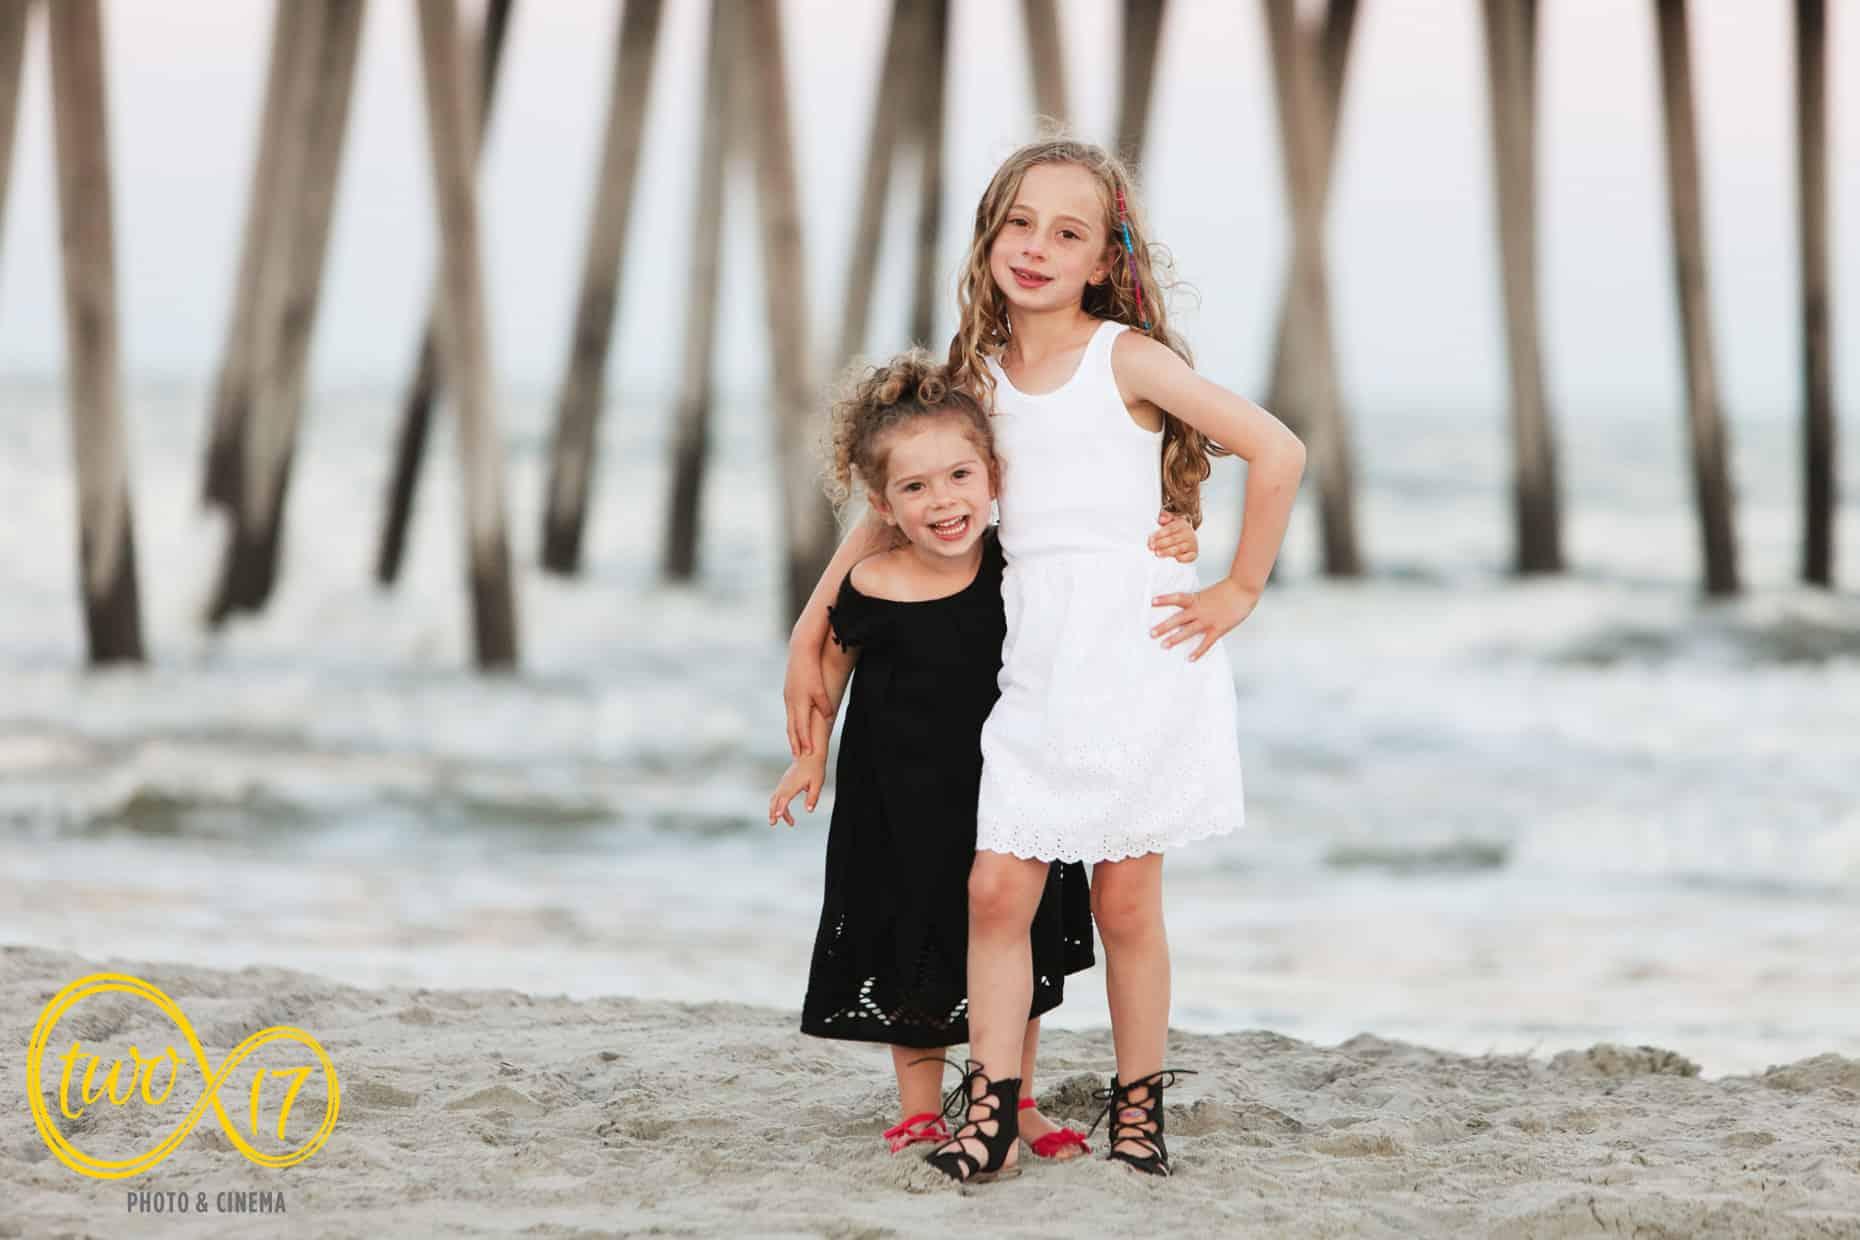 Sea Isle City Family Photography